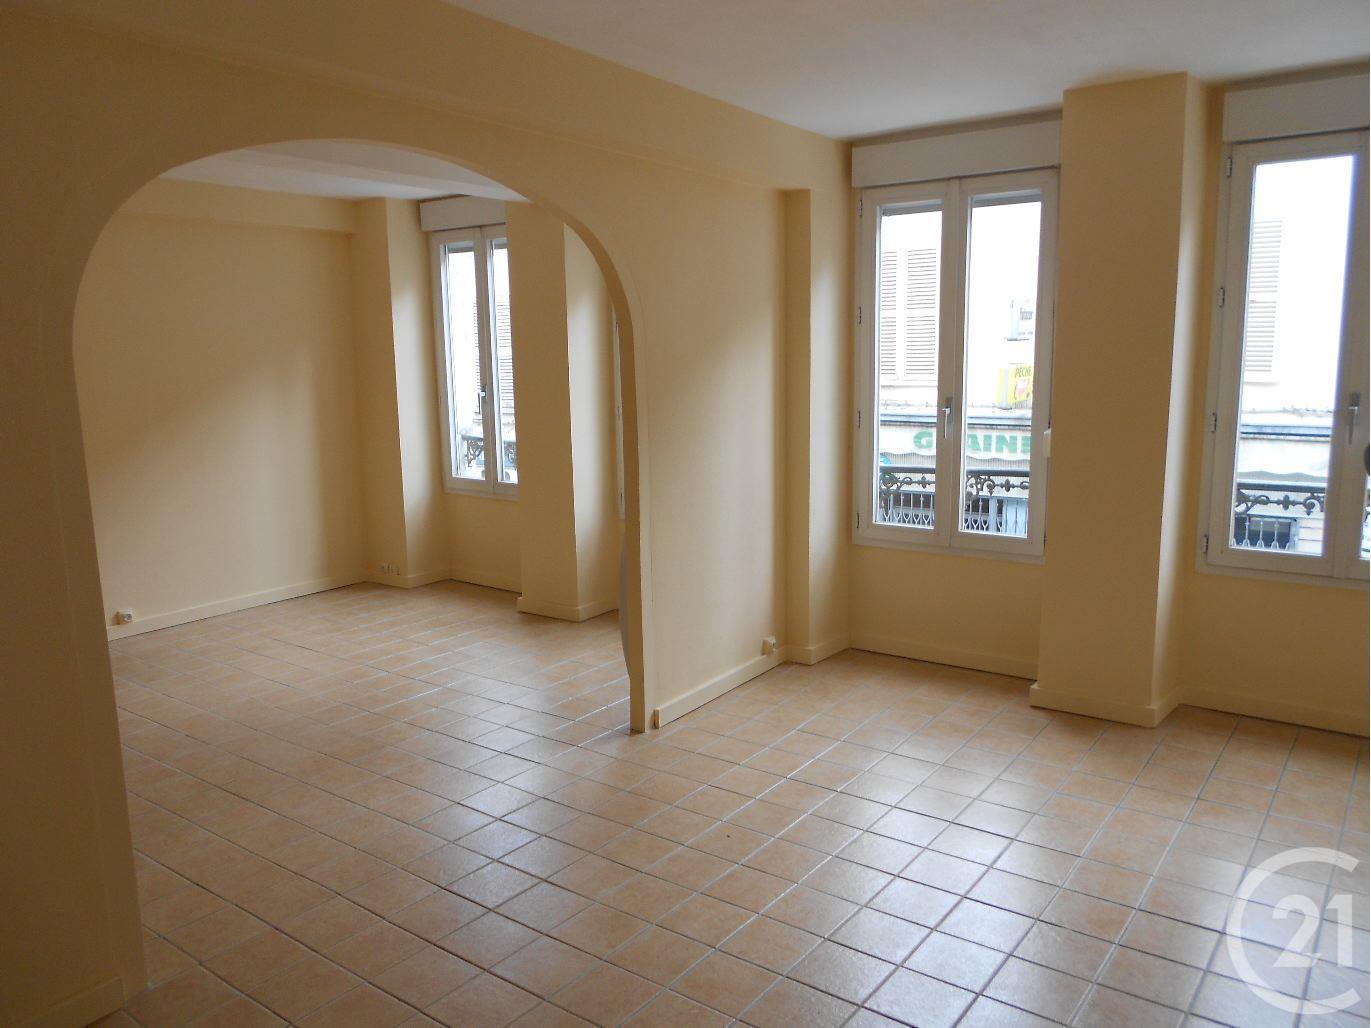 190aced2e8c Appartement F2 à louer - 2 pièces - 43 m2 - MORET SUR LOING - 77 - ILE-DE -FRANCE